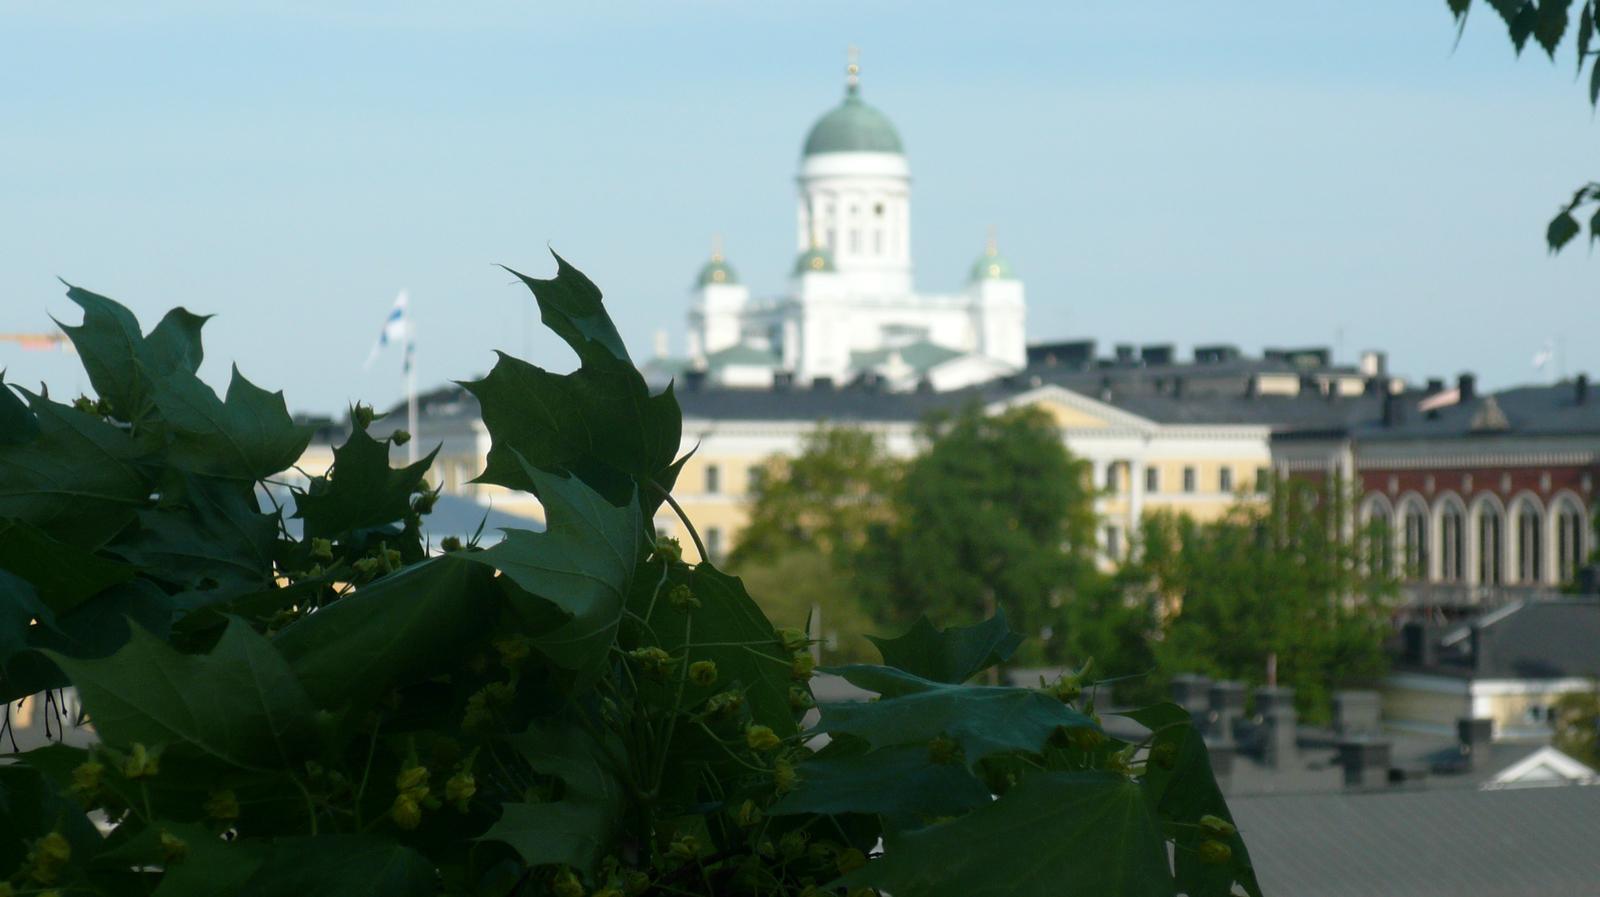 Helsinki Vantaa